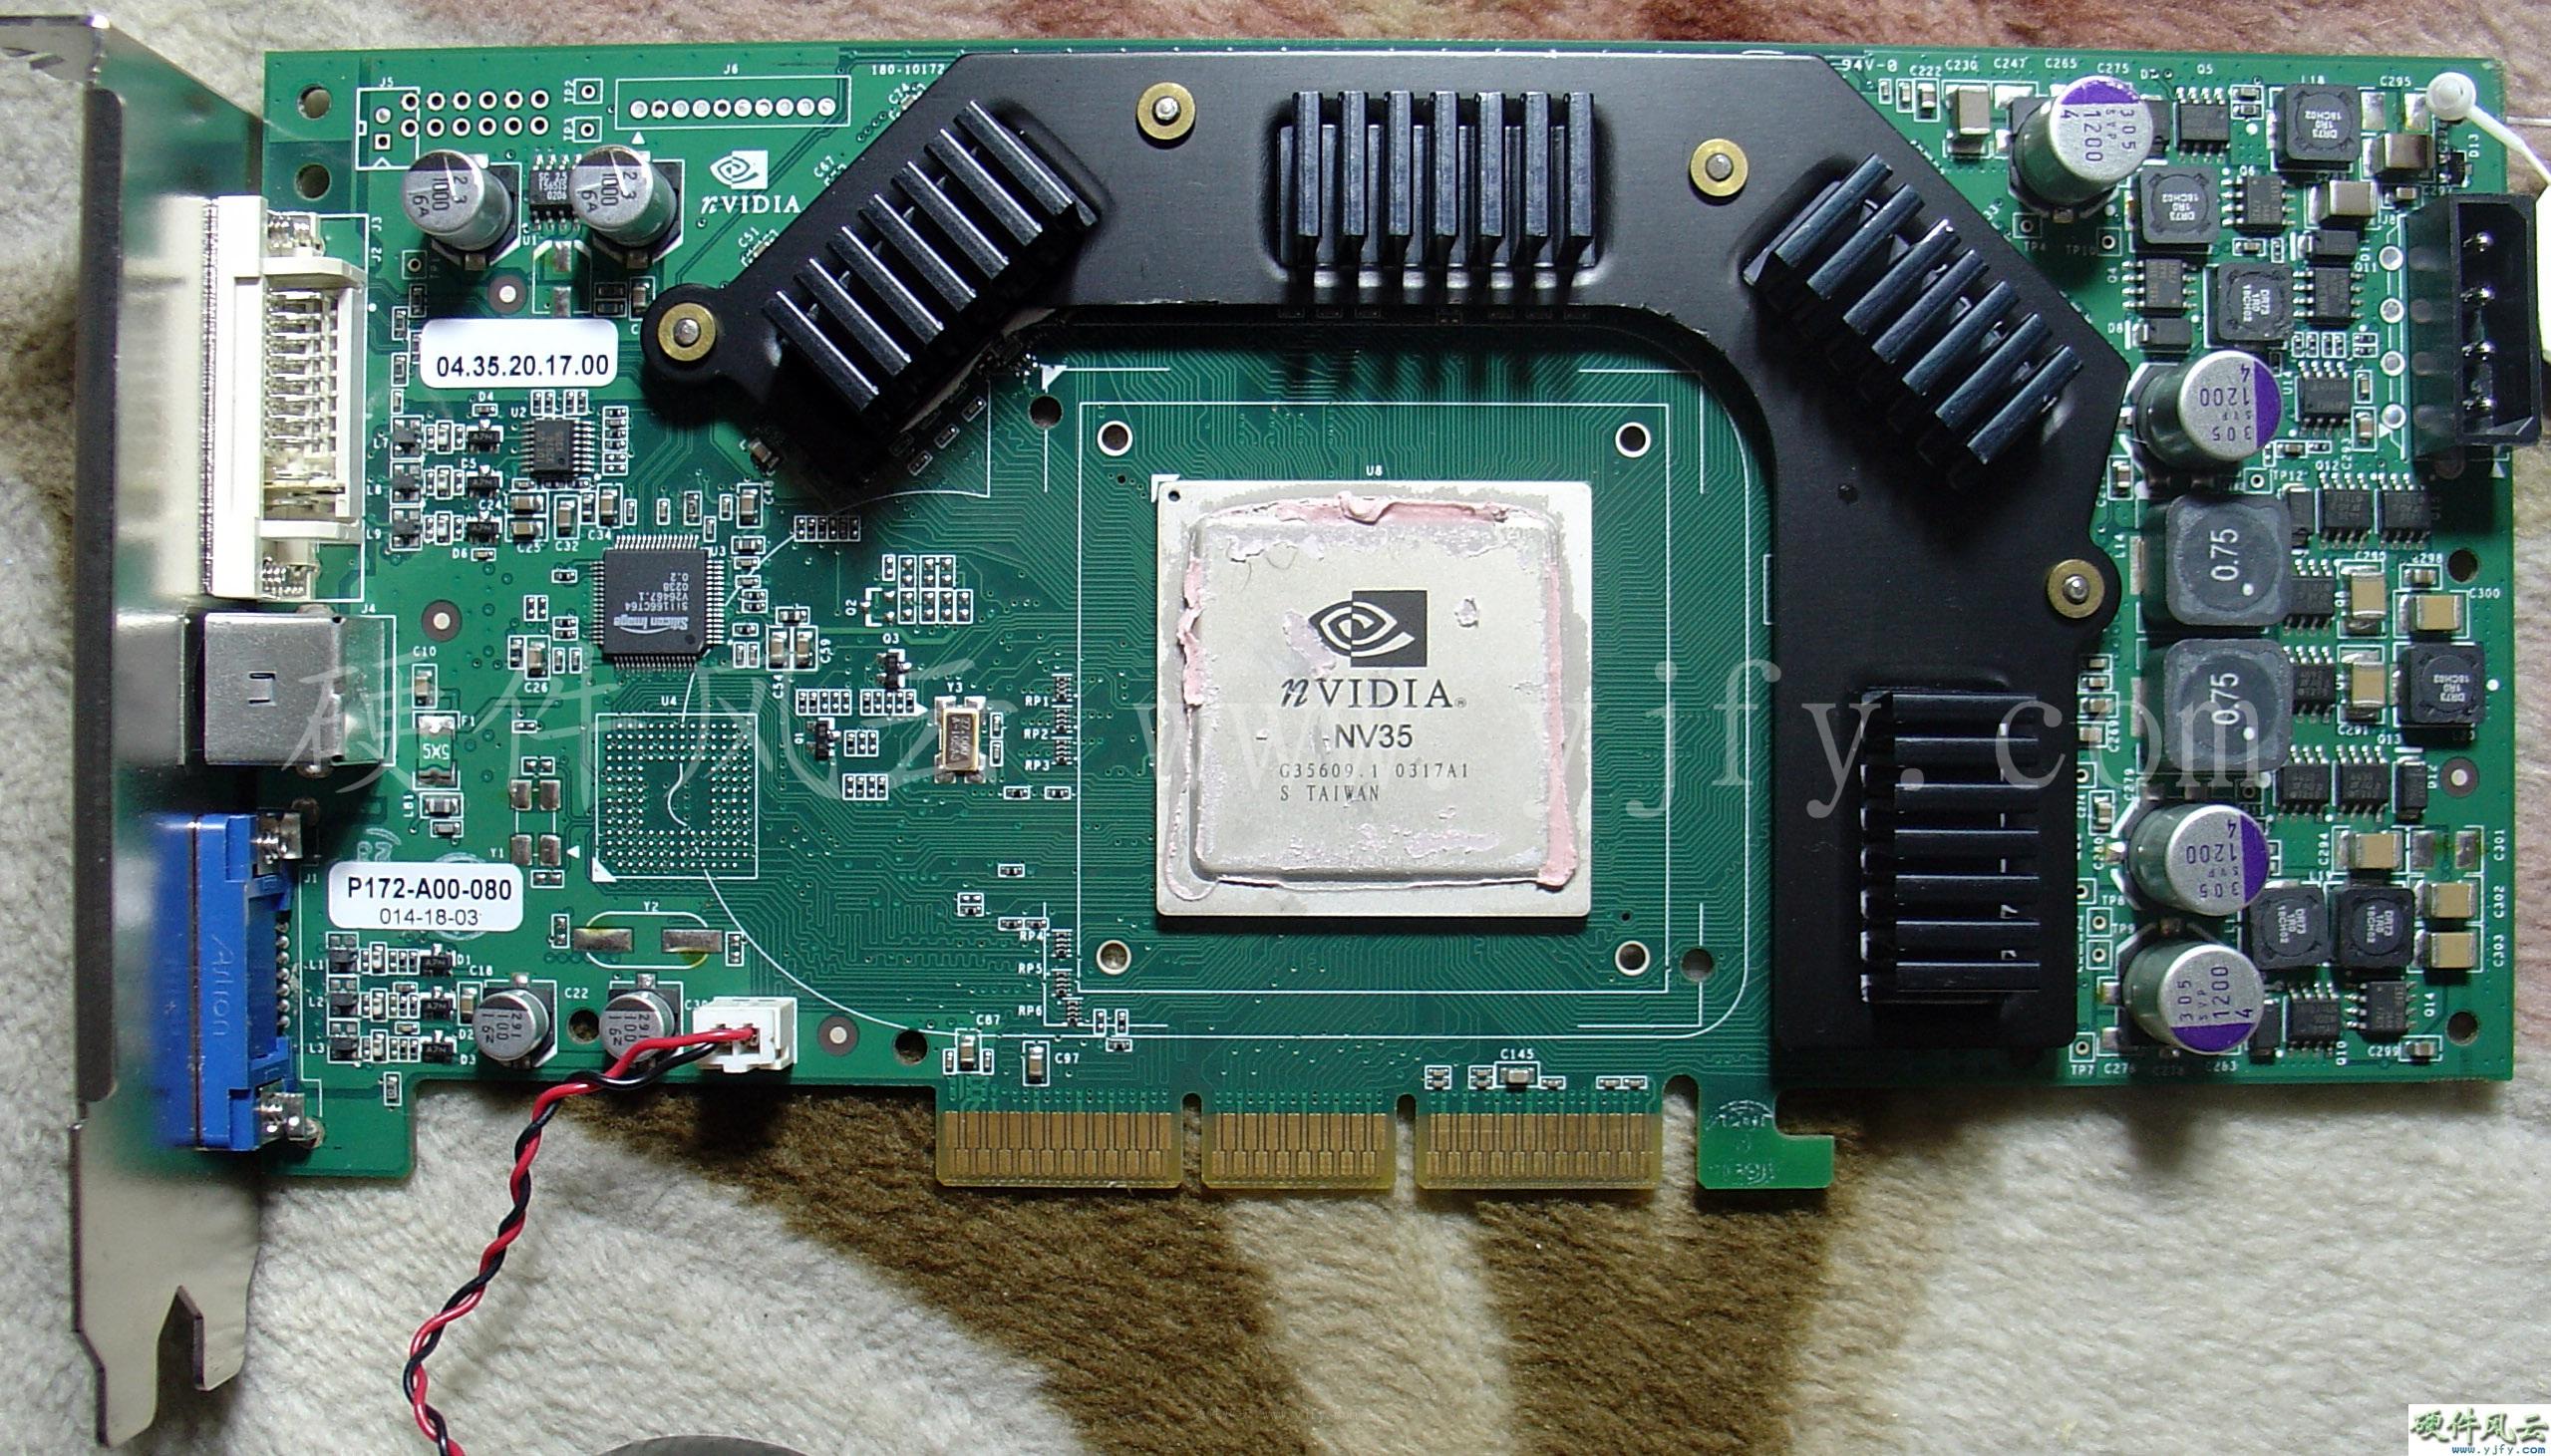 P172-A00-080_NV35-A1_2.jpg